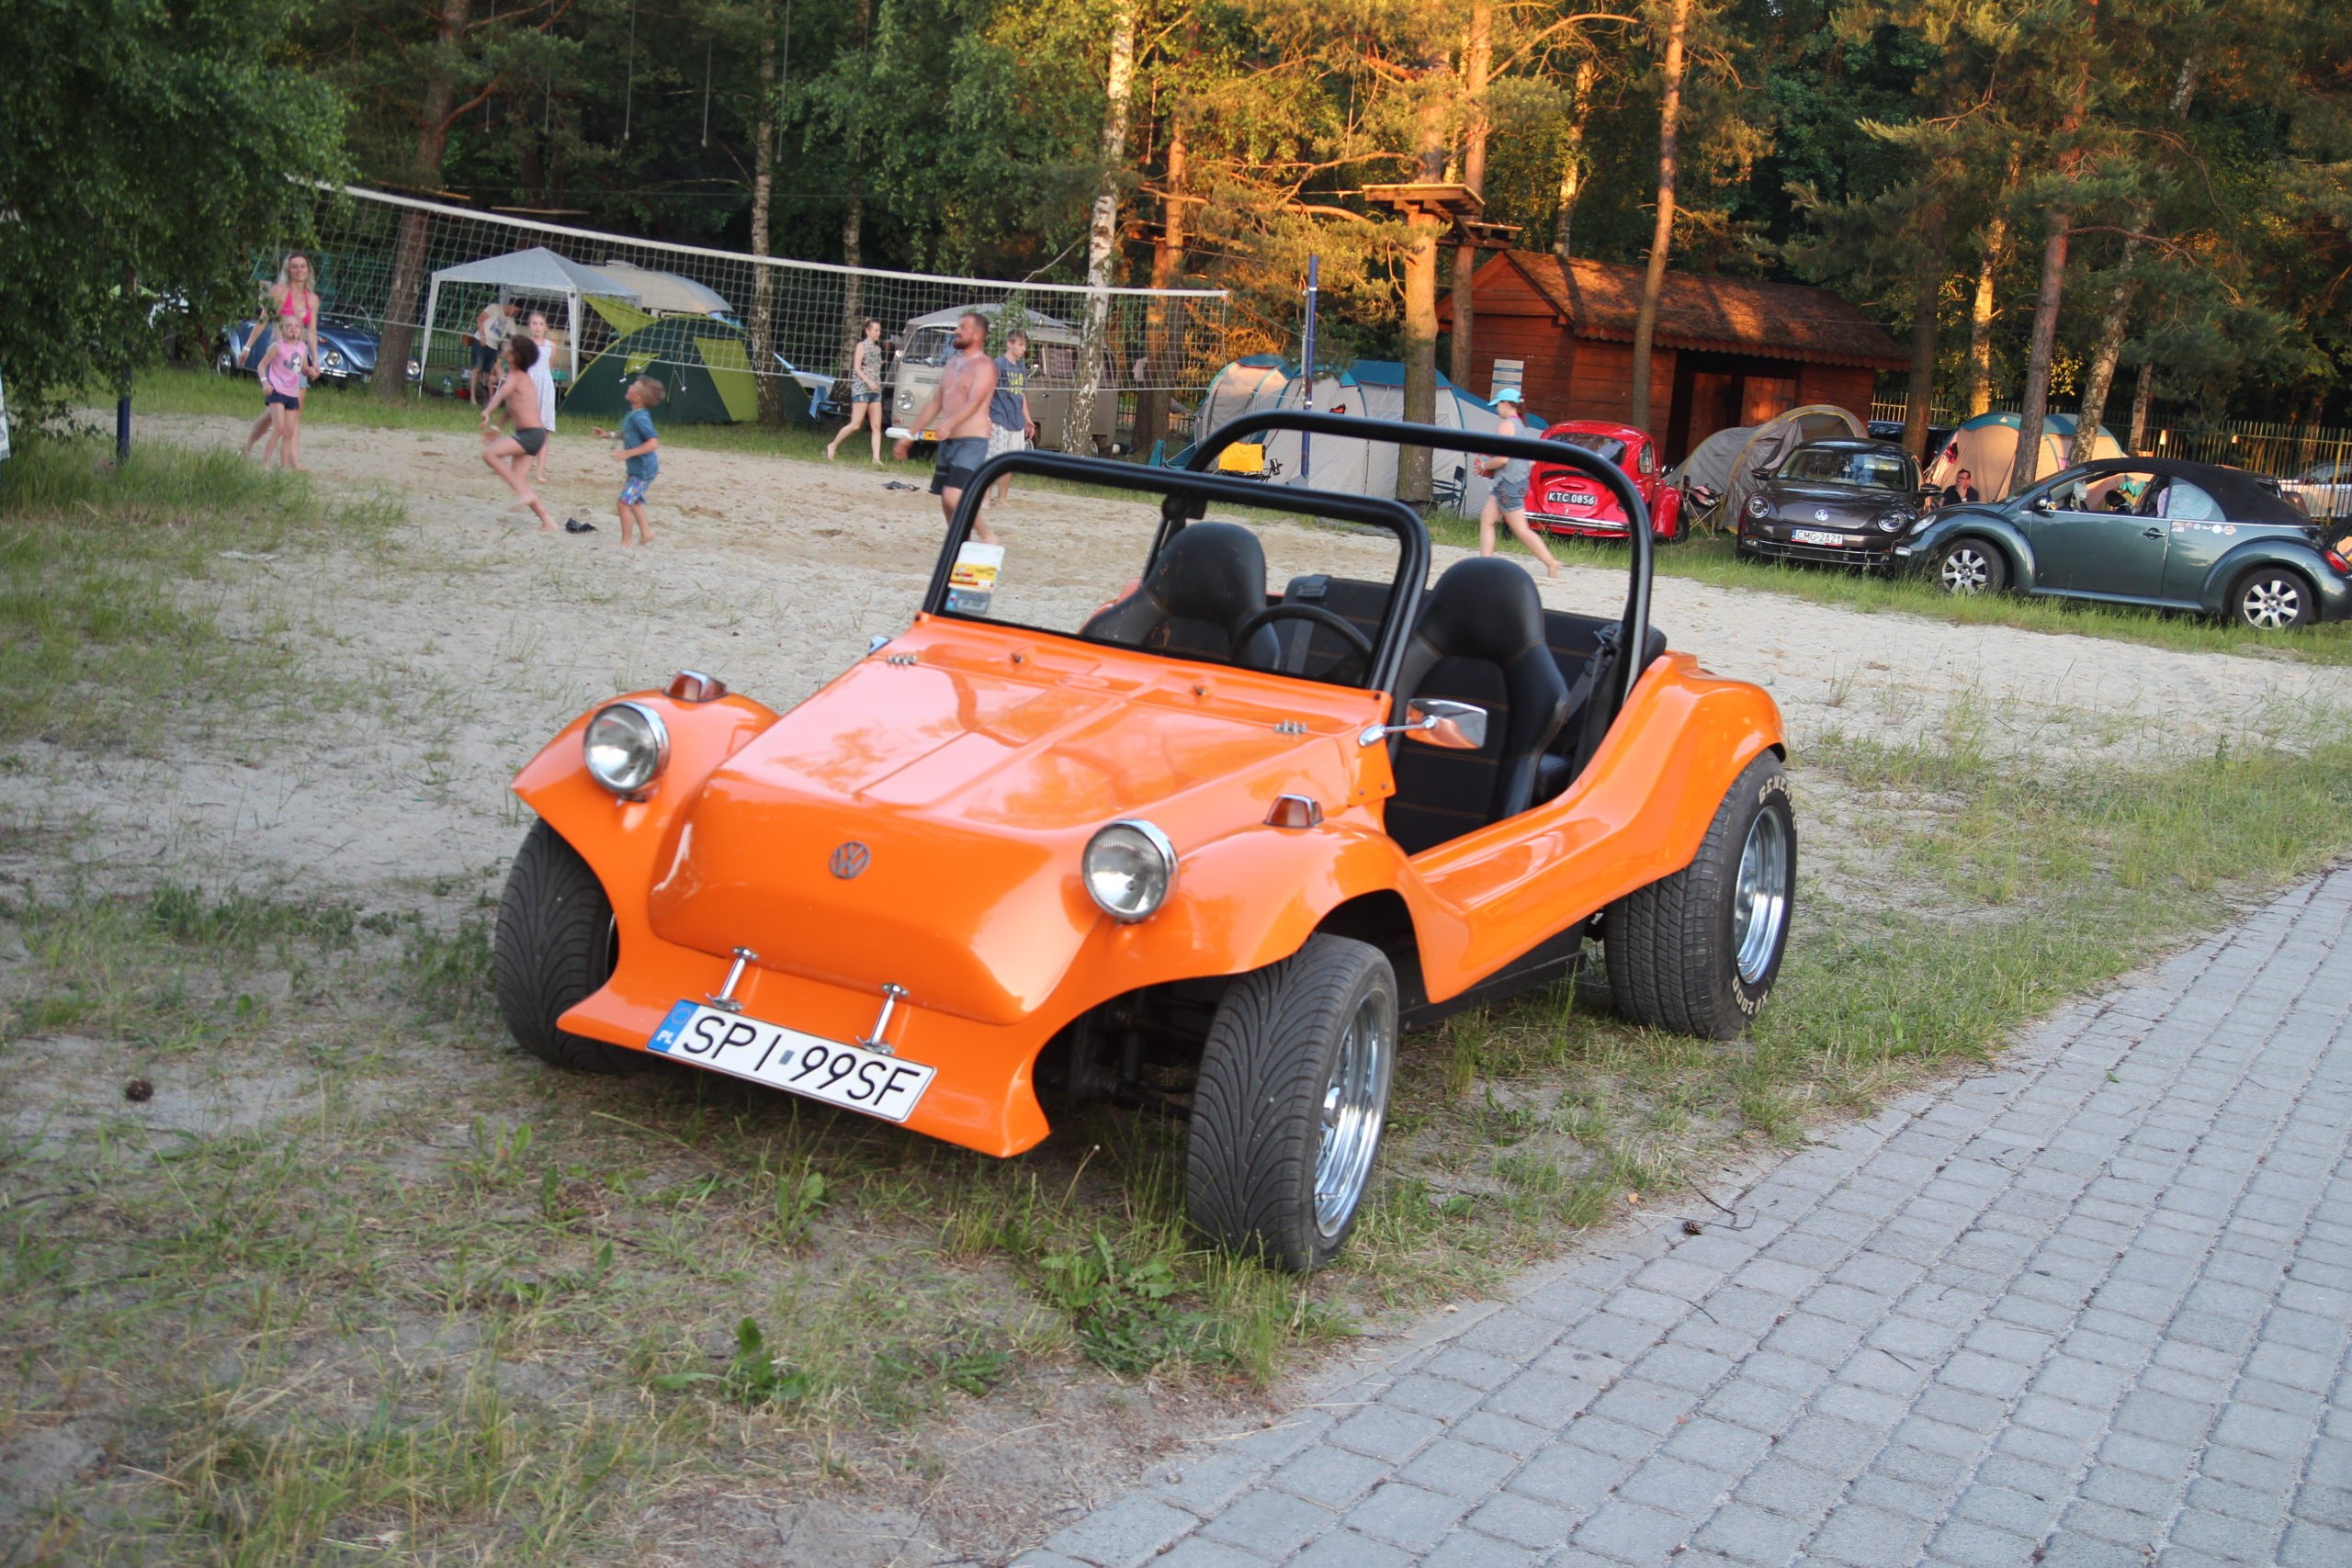 Garbojama-2021-auta zlotowe